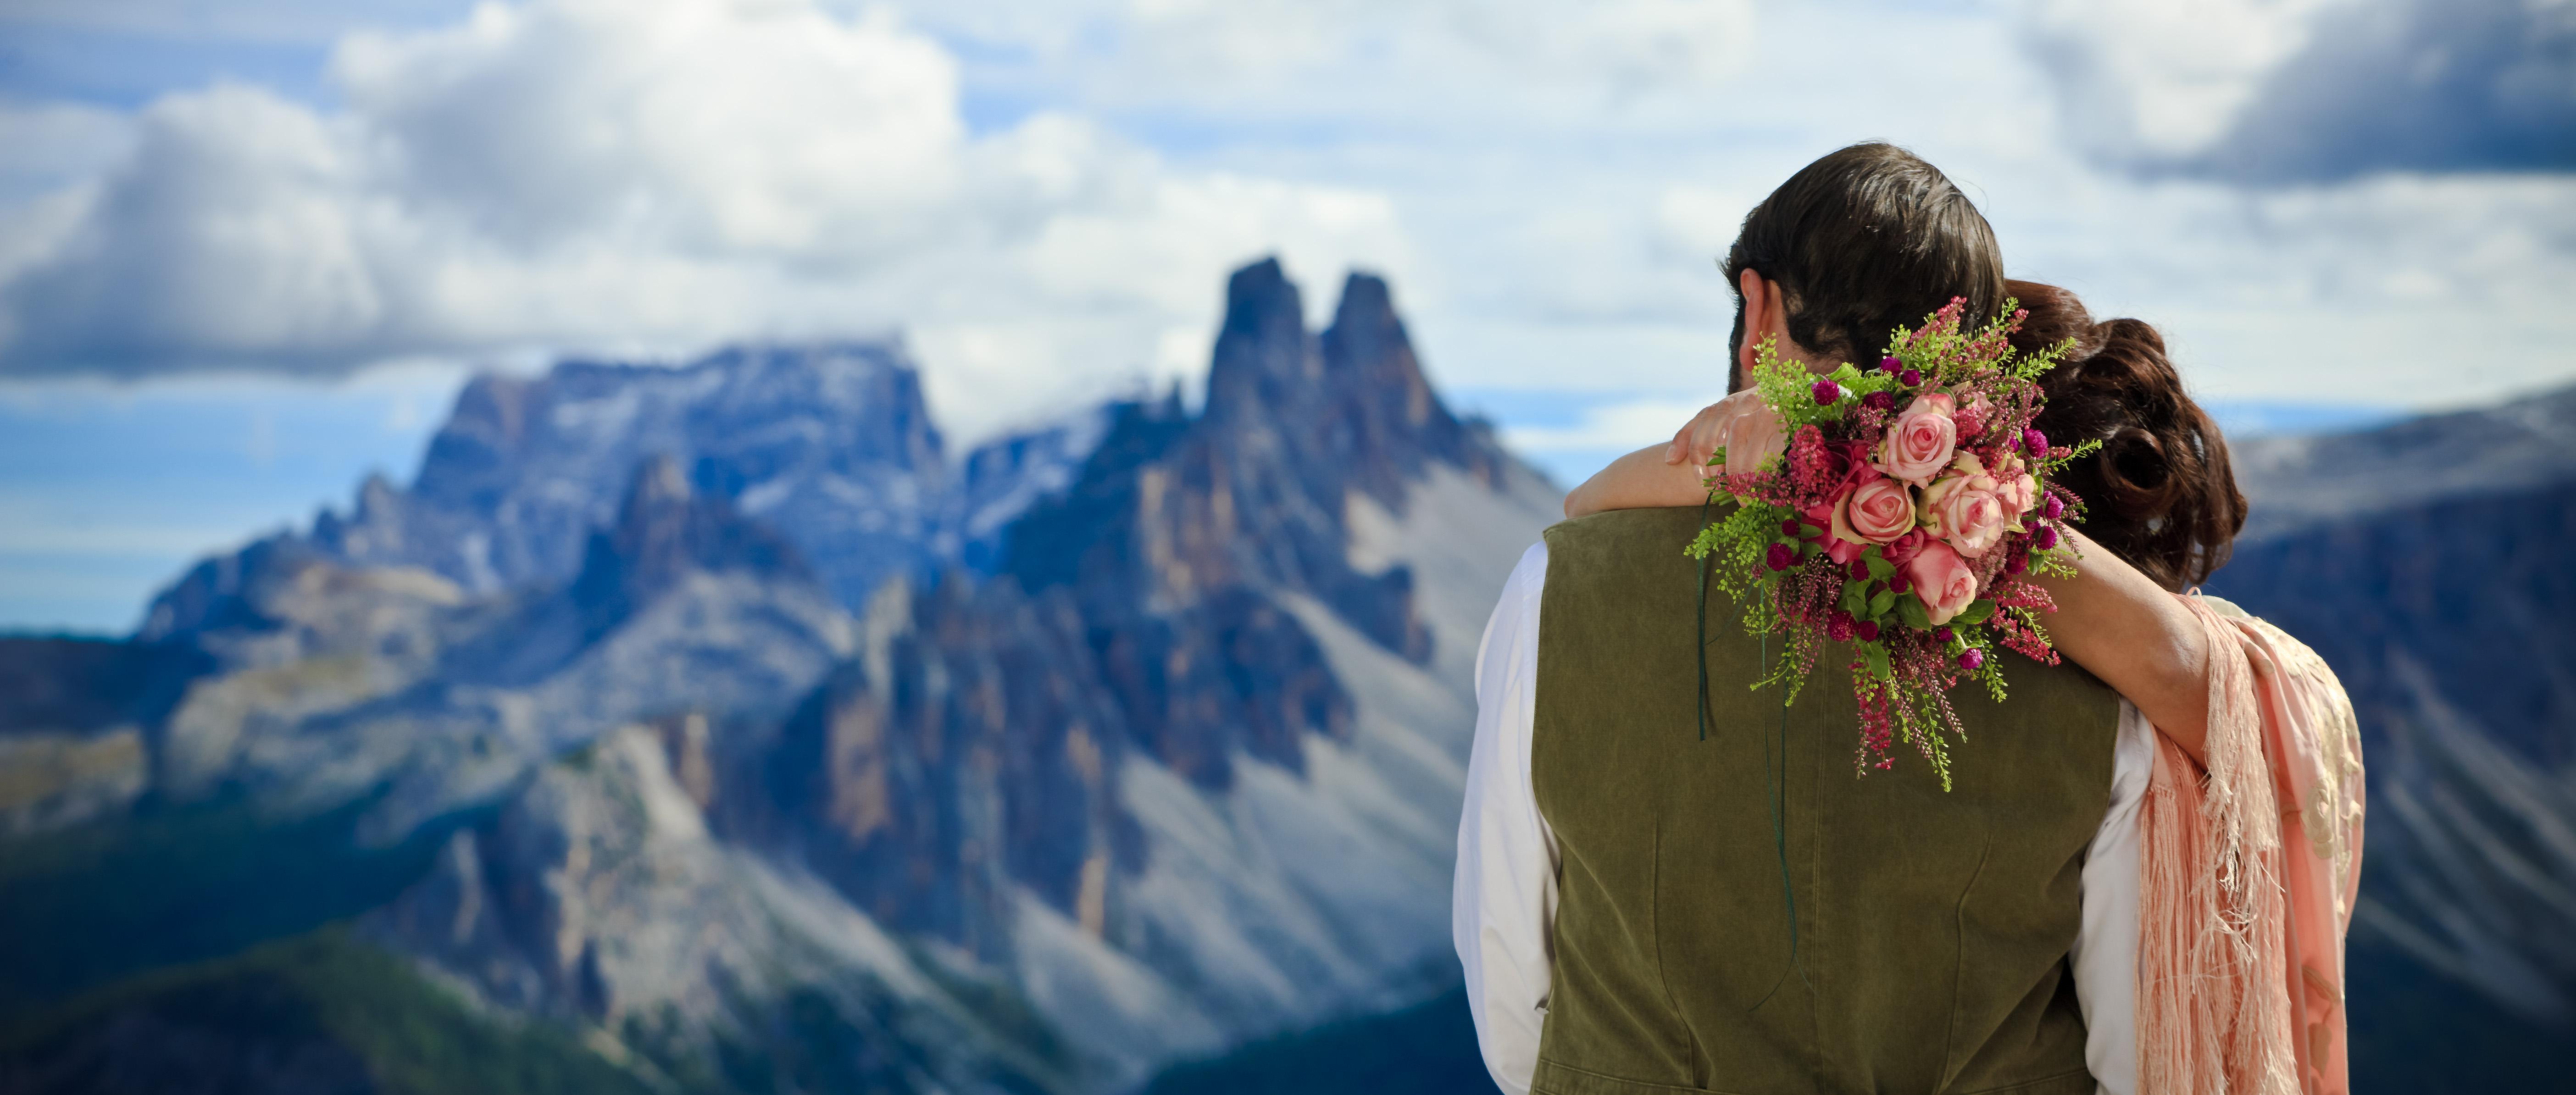 matrimonio in inverno sulle Dolomiti